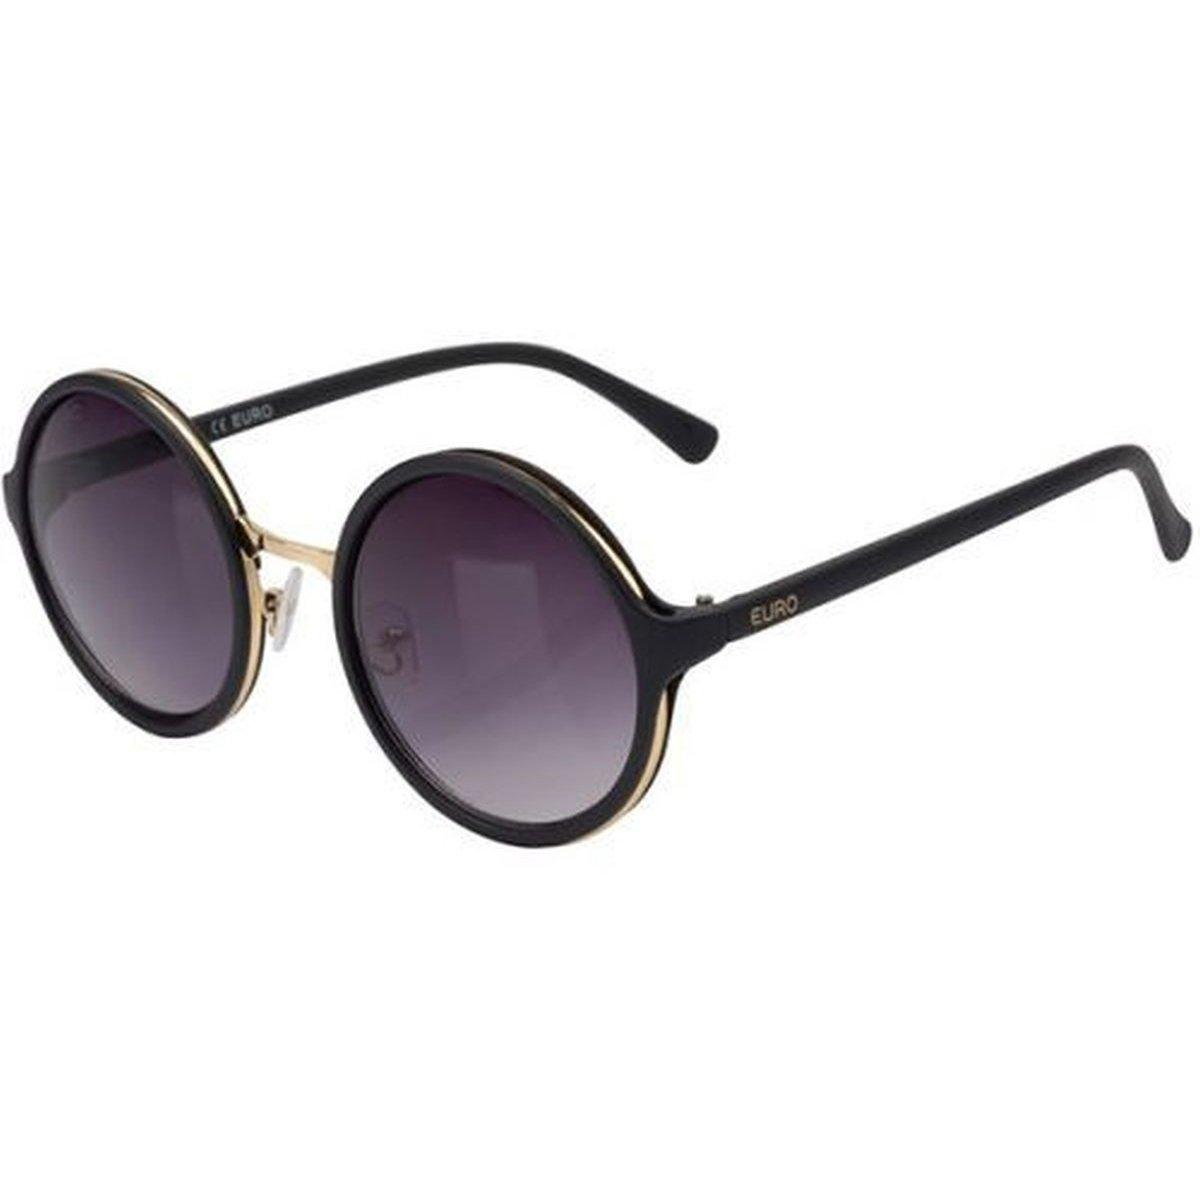 Óculos De Sol Euro Feminino Camila Coelho - Oc079eu 8M - Compre ... 5cf3132d6b